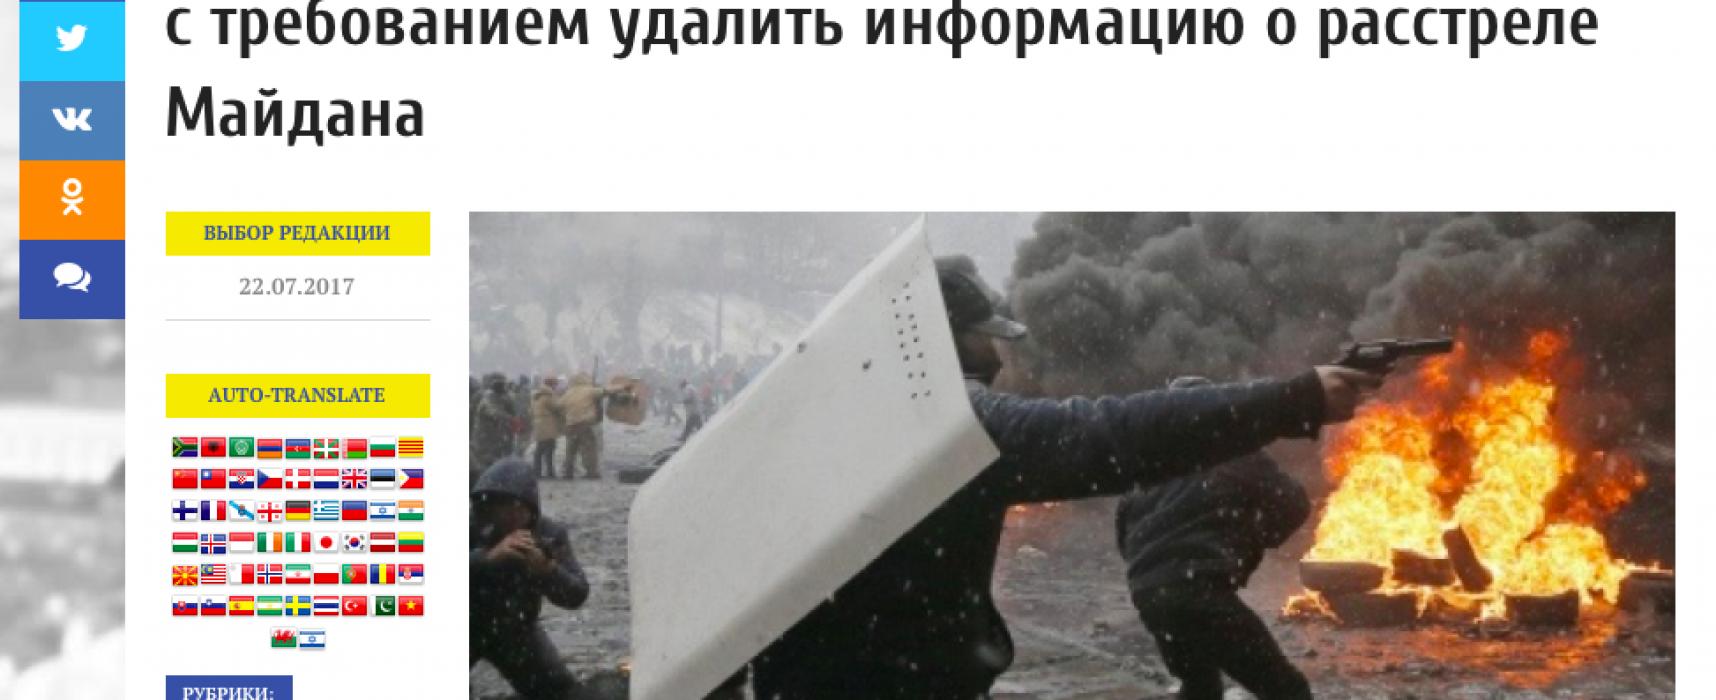 Фейк: Украинская власть требует от Google удалить информацию о расстреле Майдана